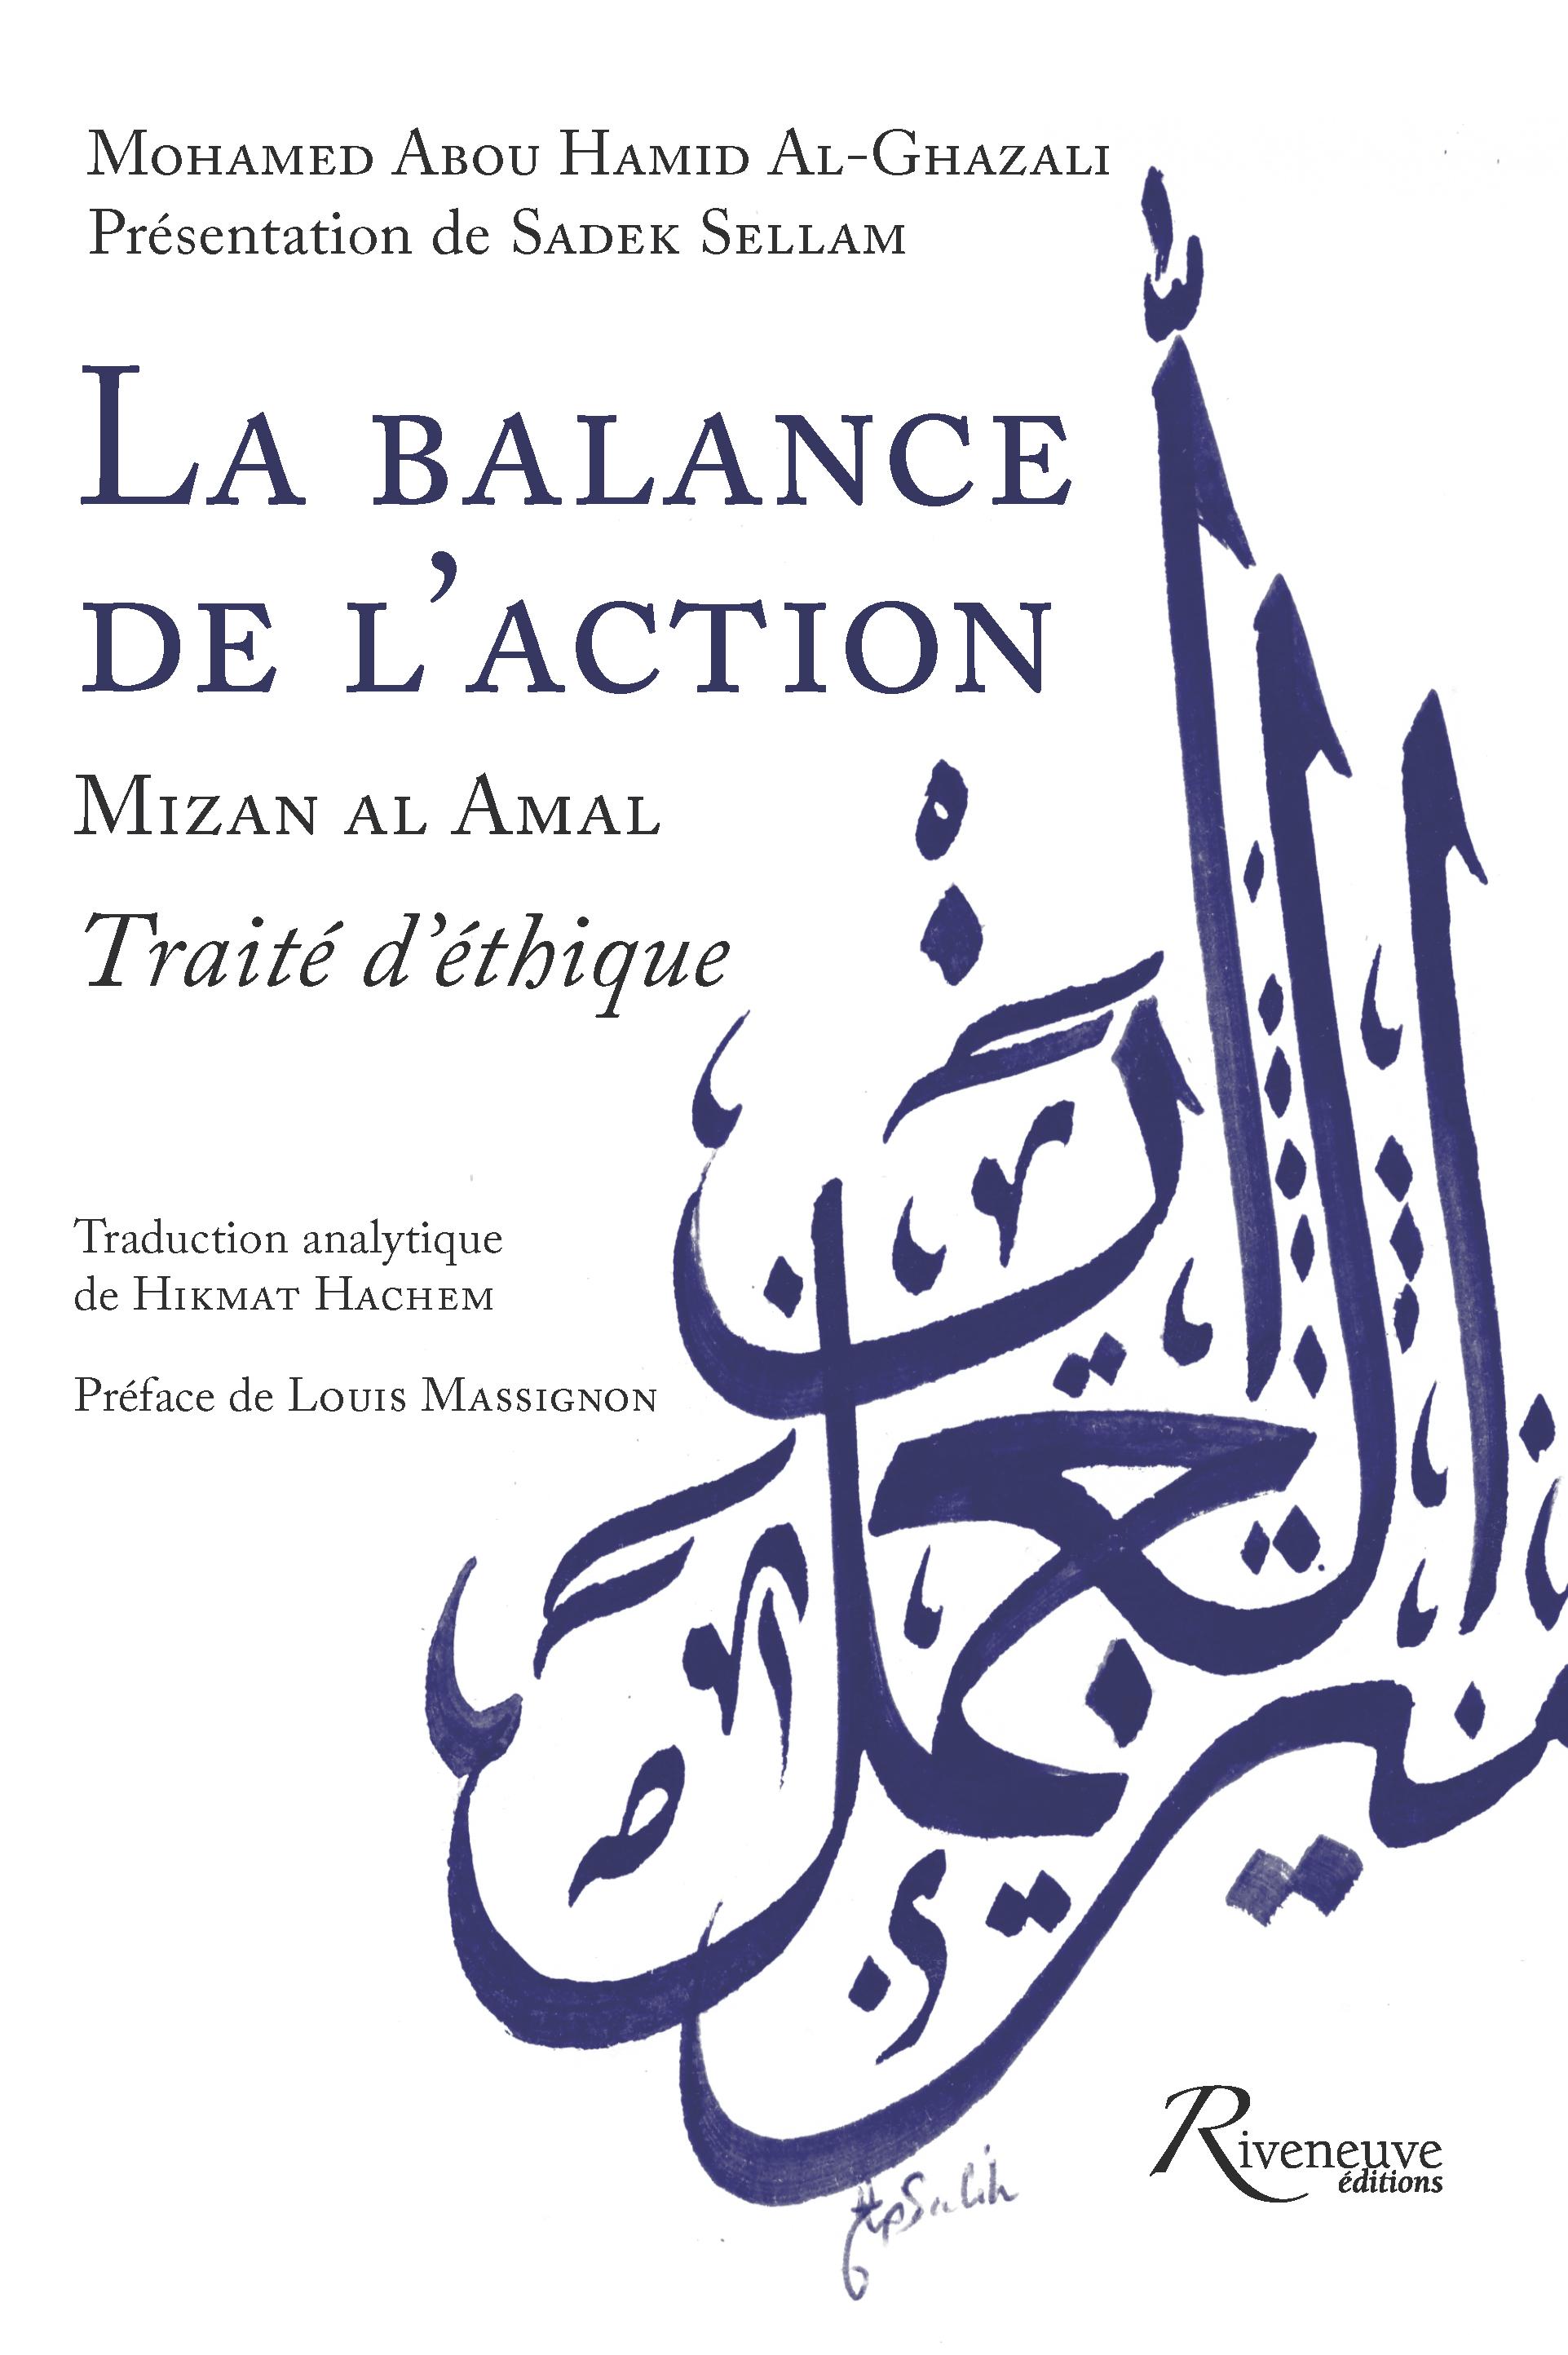 La balance de l'action